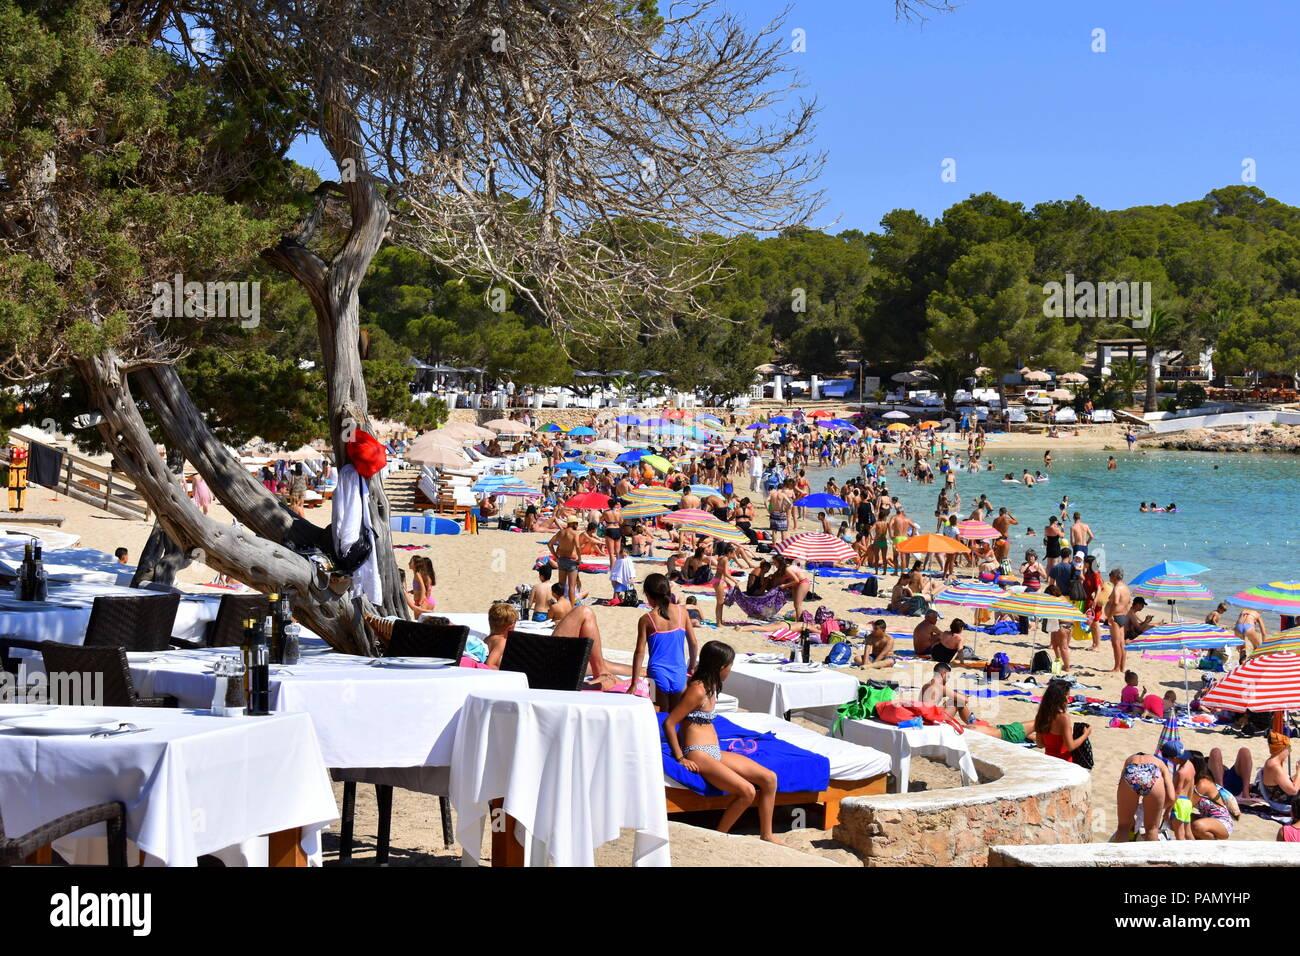 Cala Bassa Beach Club Stock Photos & Cala Bassa Beach Club